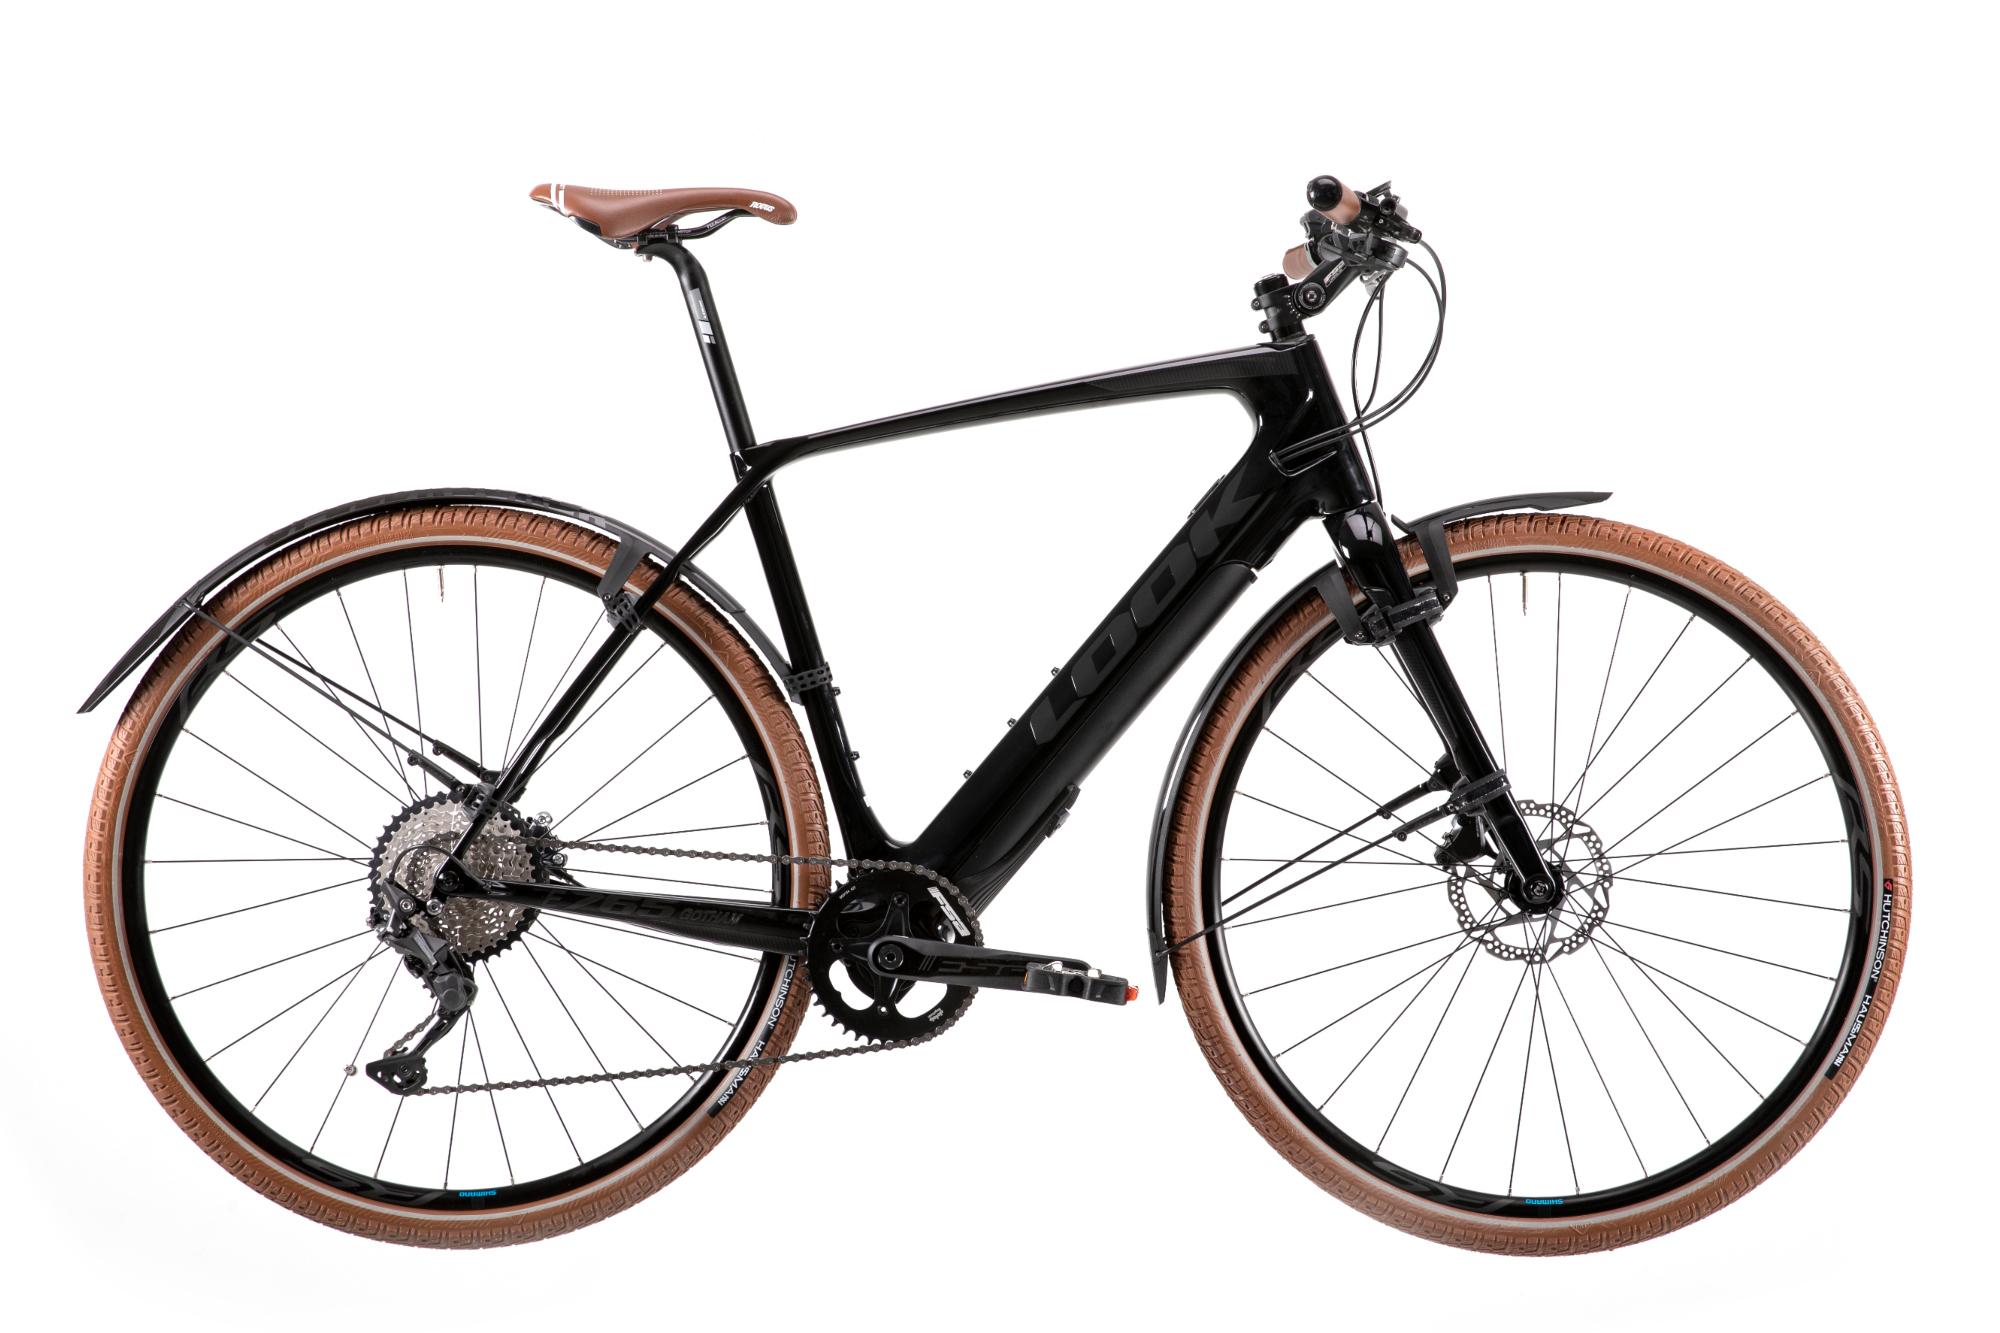 Look E-765 Gotham e-bike